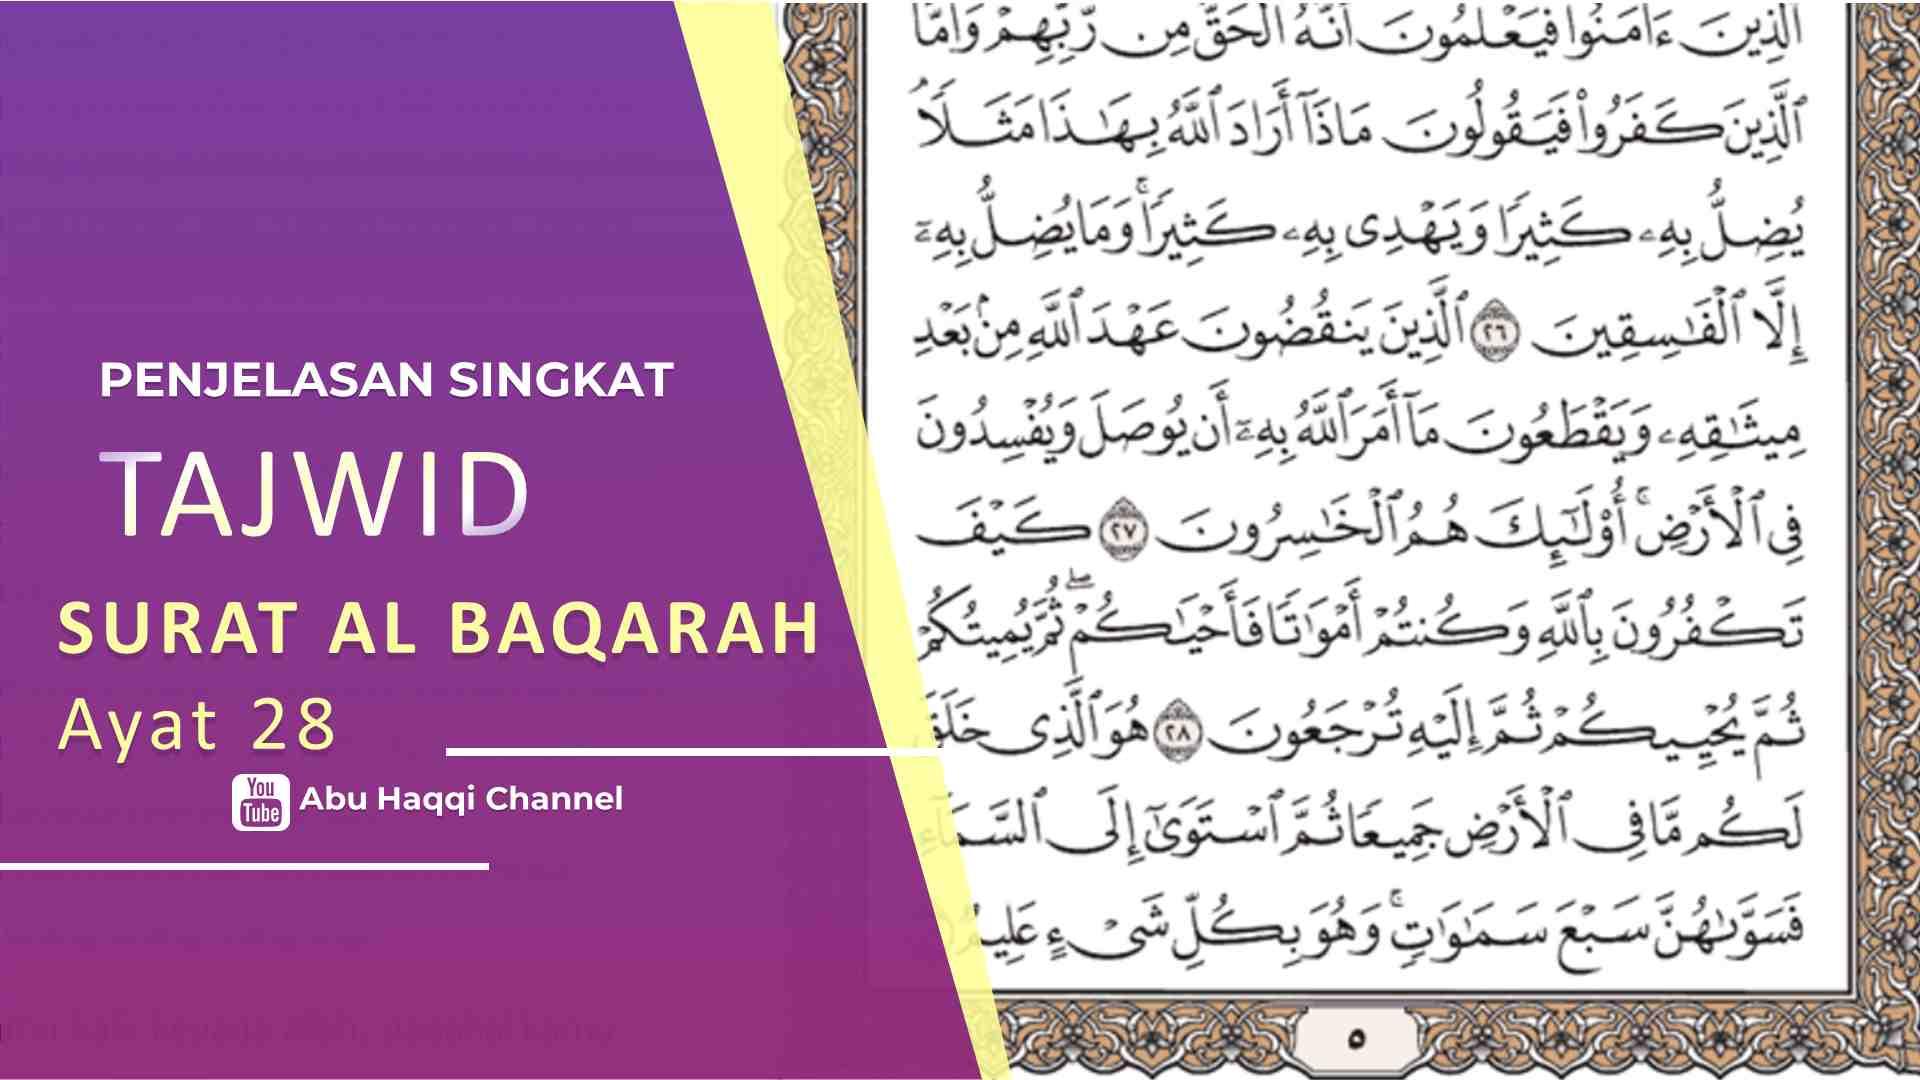 tajwid surat al baqarah ayat 28